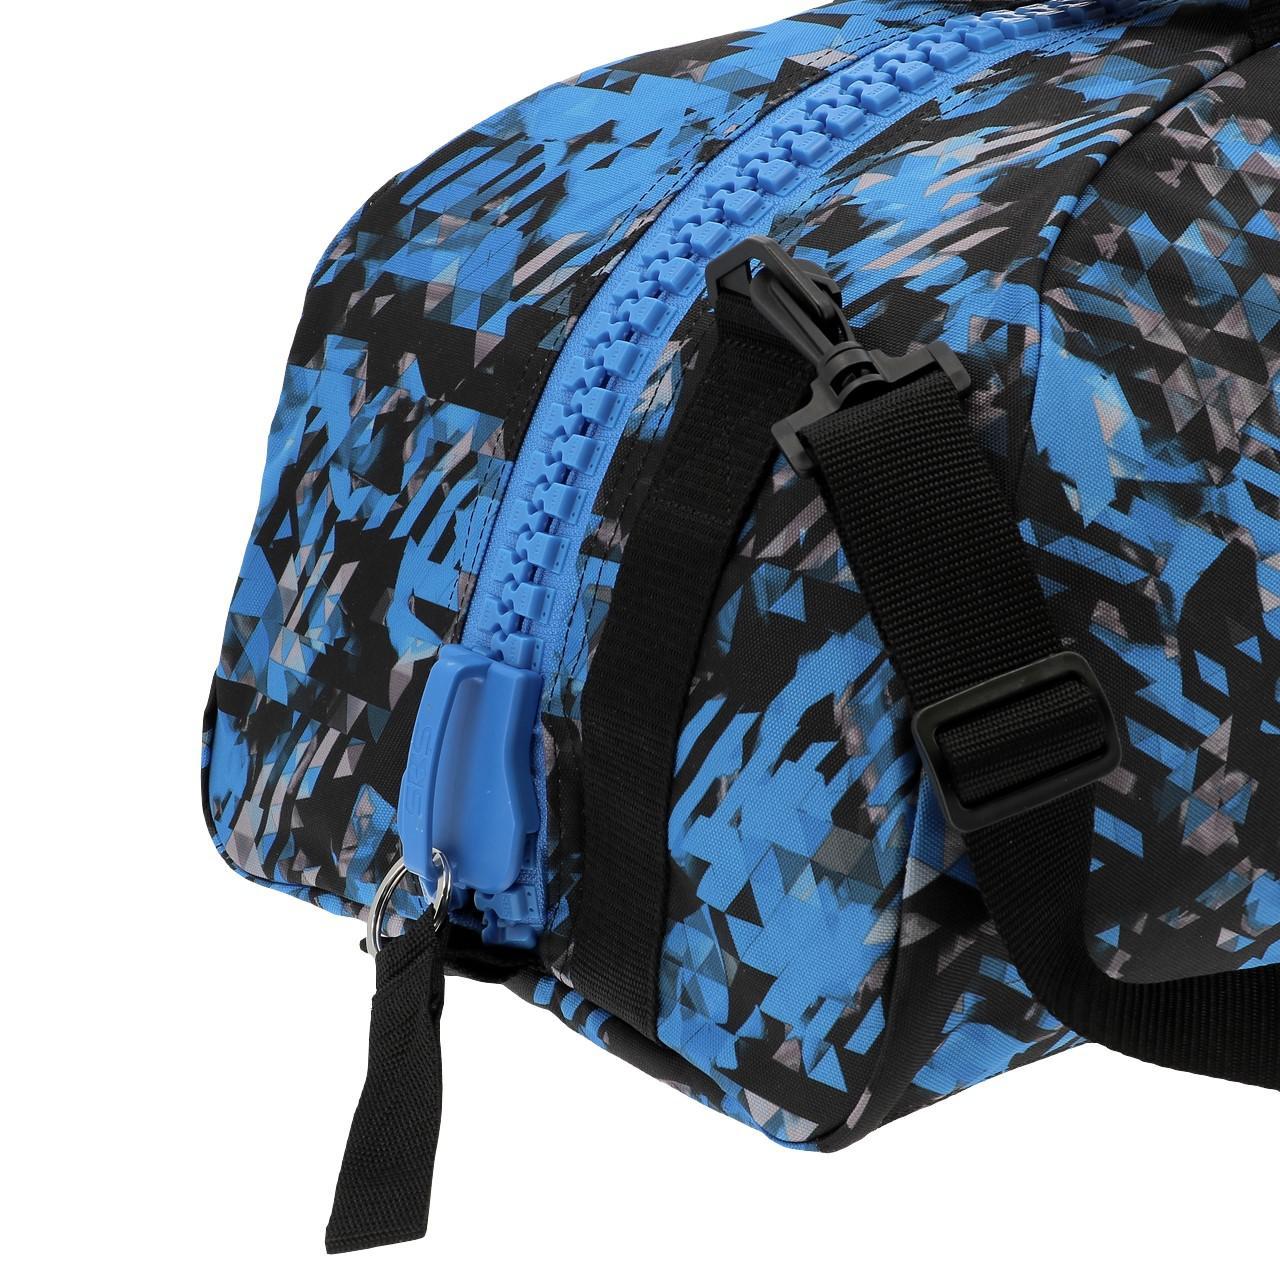 Neuf Camo M Sport 16044 De Bleu Ebay Sac Adidas vawInUqx0